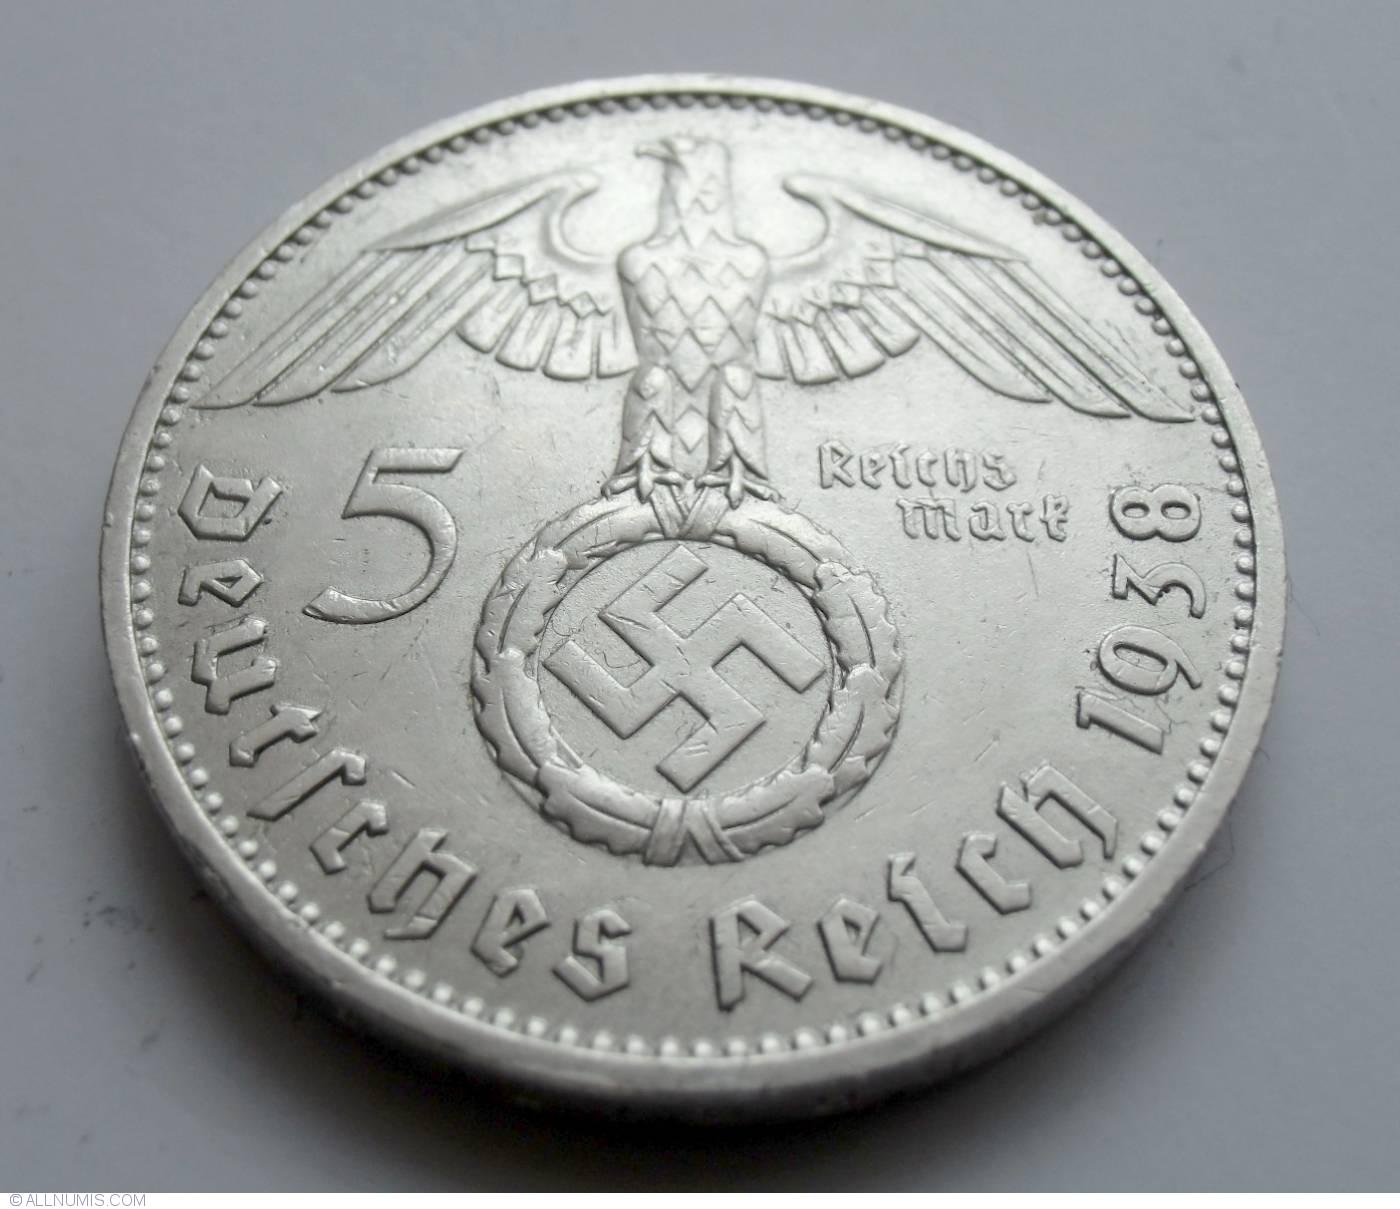 LARGE 1938 PAUL VON HINDENBURG GERMAN 5 REICHSMARK WWII COMMEMORATIVE COIN